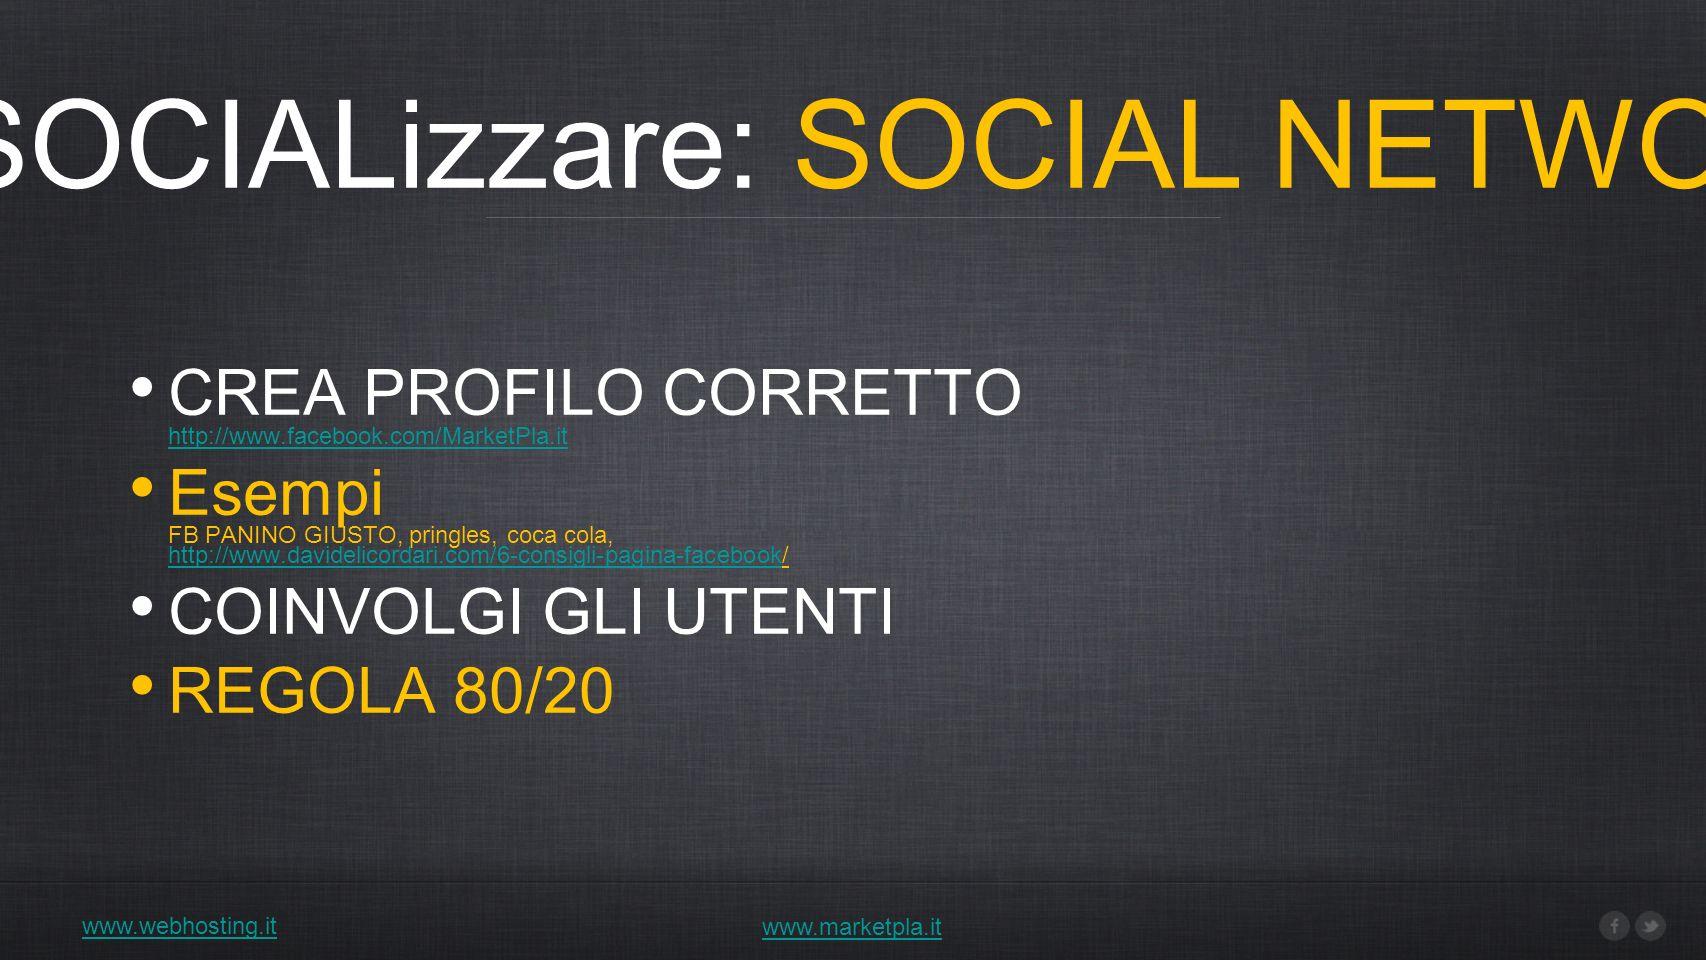 4) SOCIALizzare: SOCIAL NETWORK www.webhosting.it www.marketpla.it CREA PROFILO CORRETTO http://www.facebook.com/MarketPla.it http://www.facebook.com/MarketPla.it Esempi FB PANINO GIUSTO, pringles, coca cola, http://www.davidelicordari.com/6-consigli-pagina-facebook/ http://www.davidelicordari.com/6-consigli-pagina-facebook COINVOLGI GLI UTENTI REGOLA 80/20